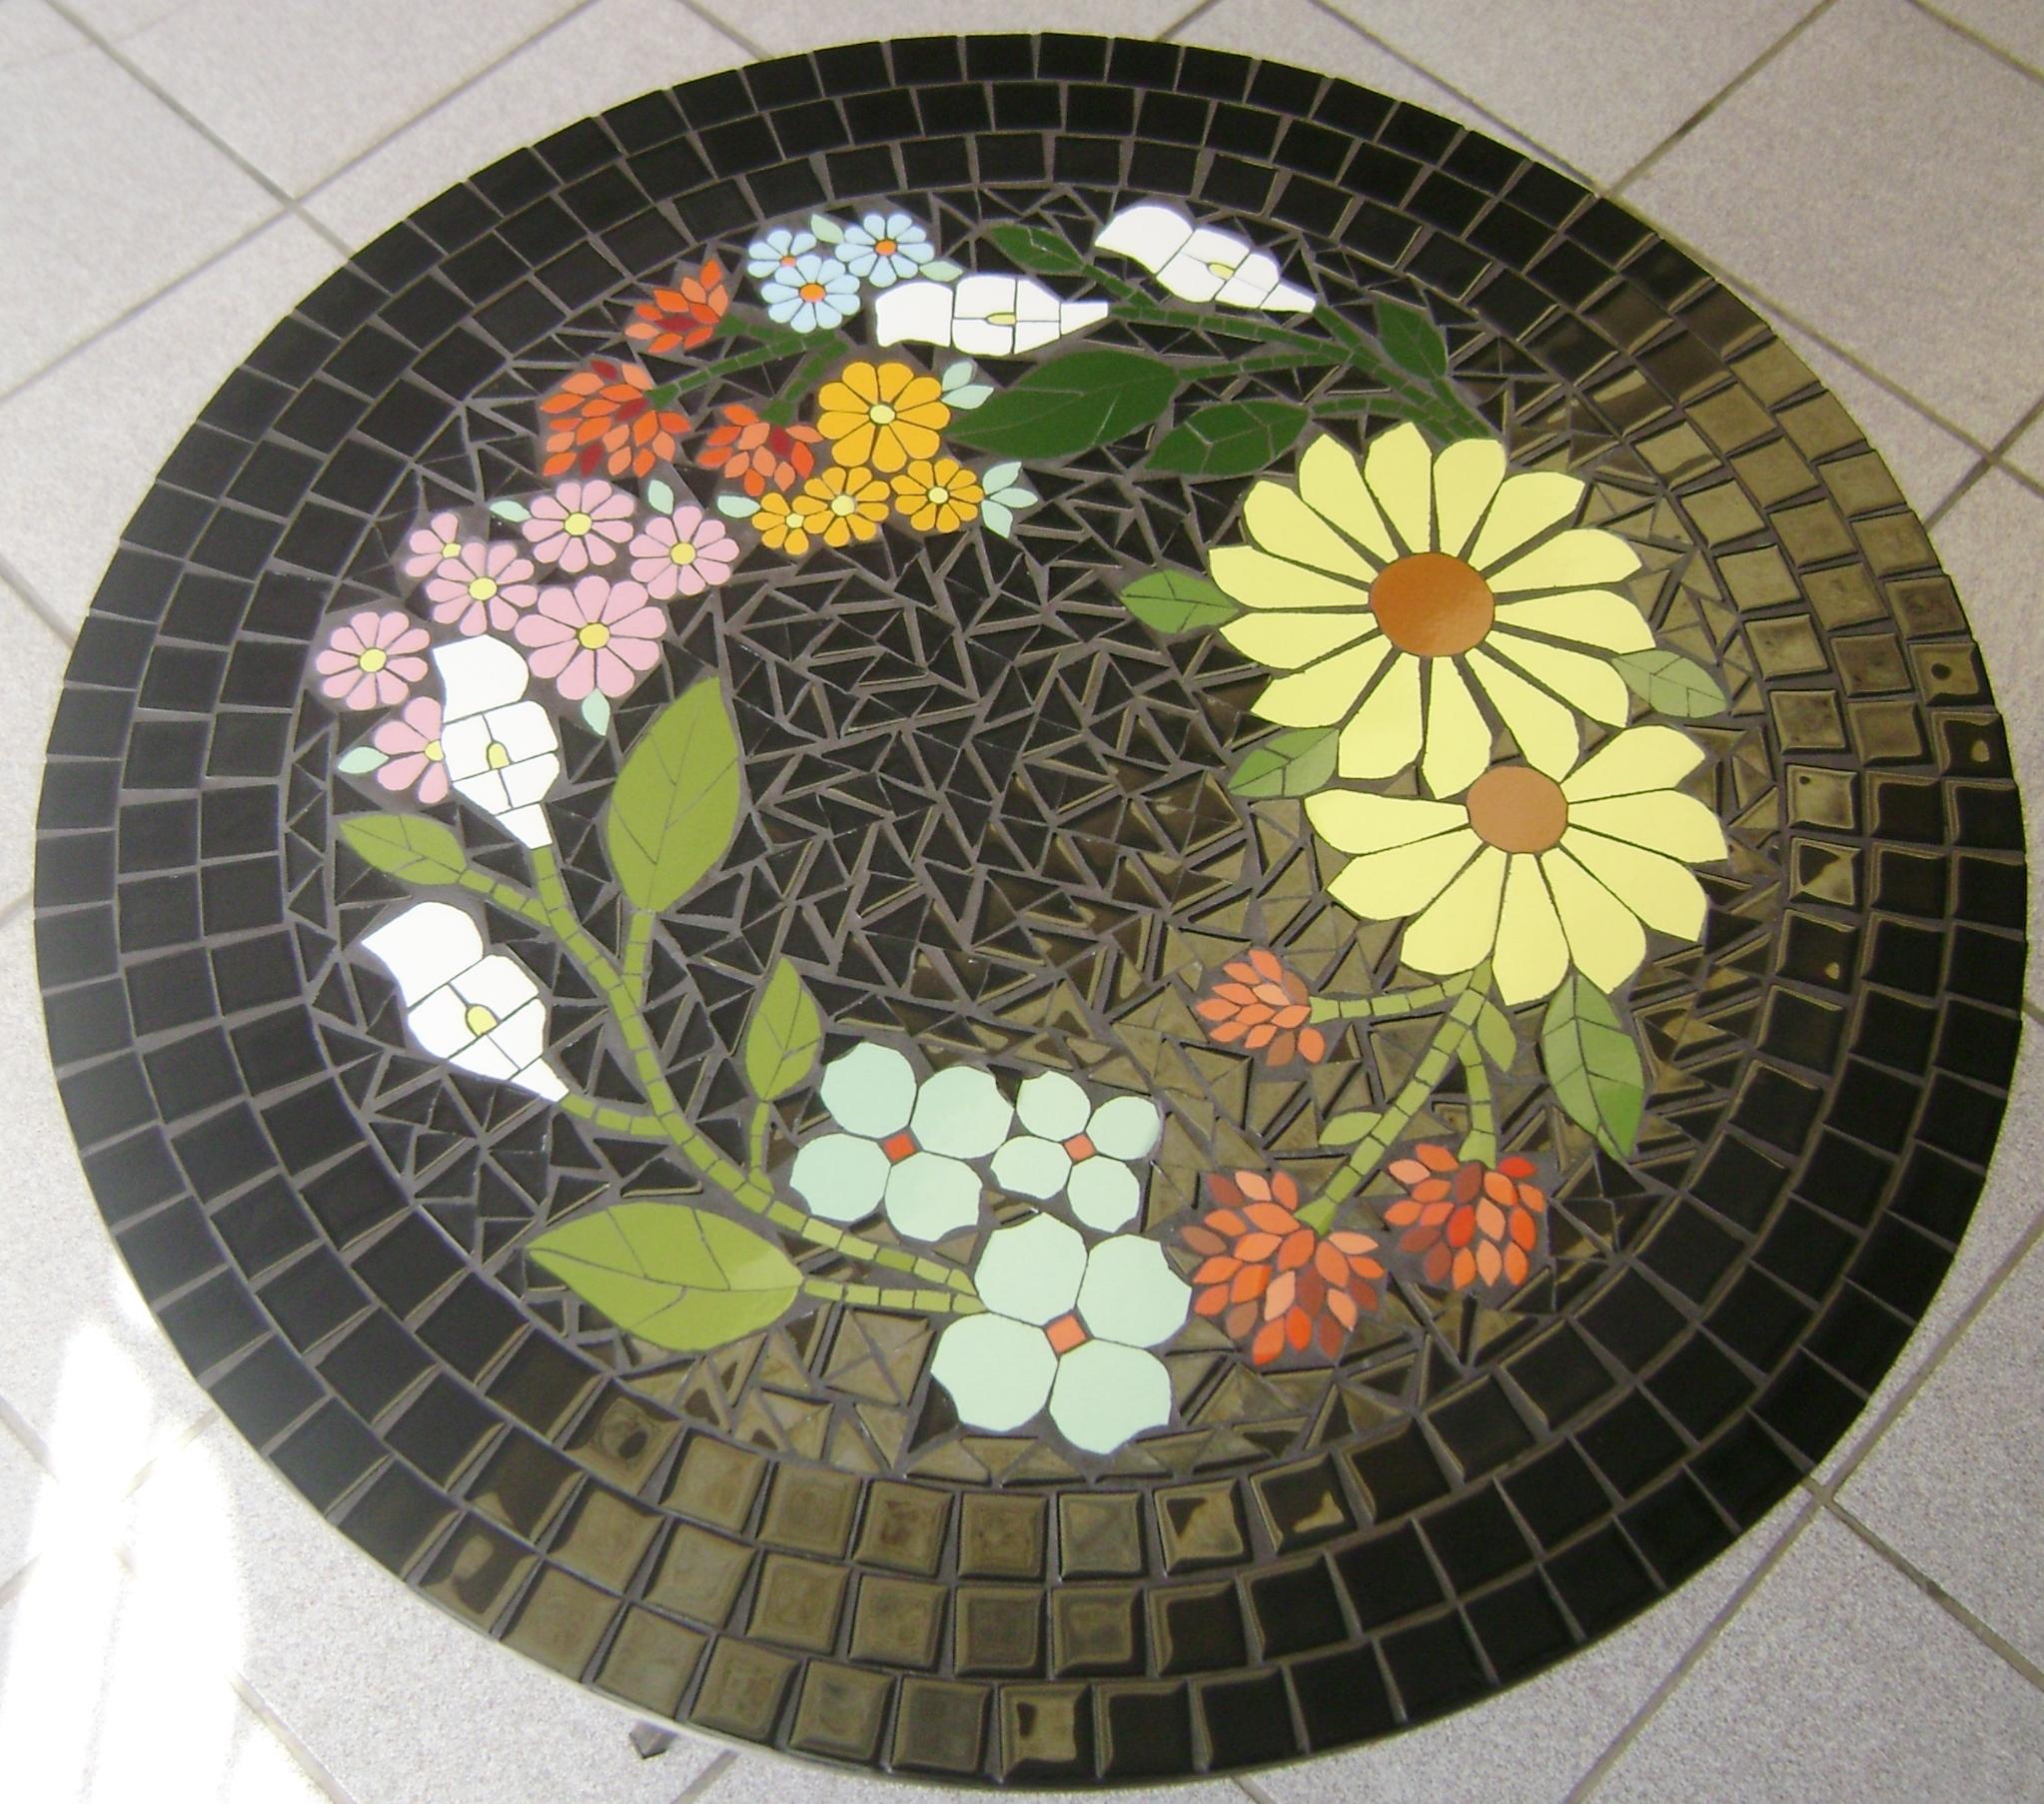 Tampo de mesa em mosaico morena brasil mosaico elo7 for Mesas de mosaico